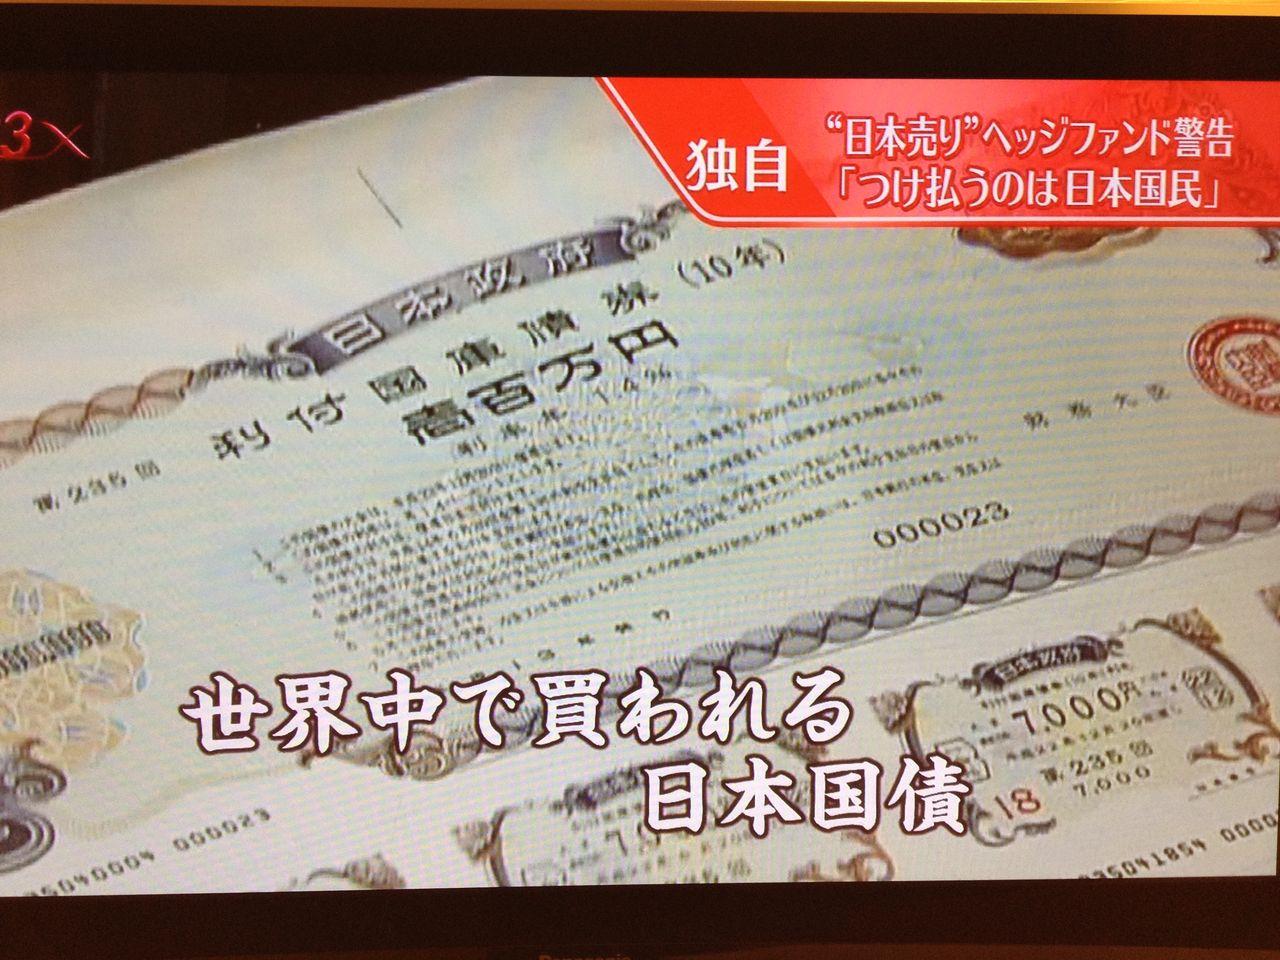 【これはヤバい】三菱UFJが国債保有の資格返還の可能性!大手銀行の国債離れで日本破綻のリスクも!